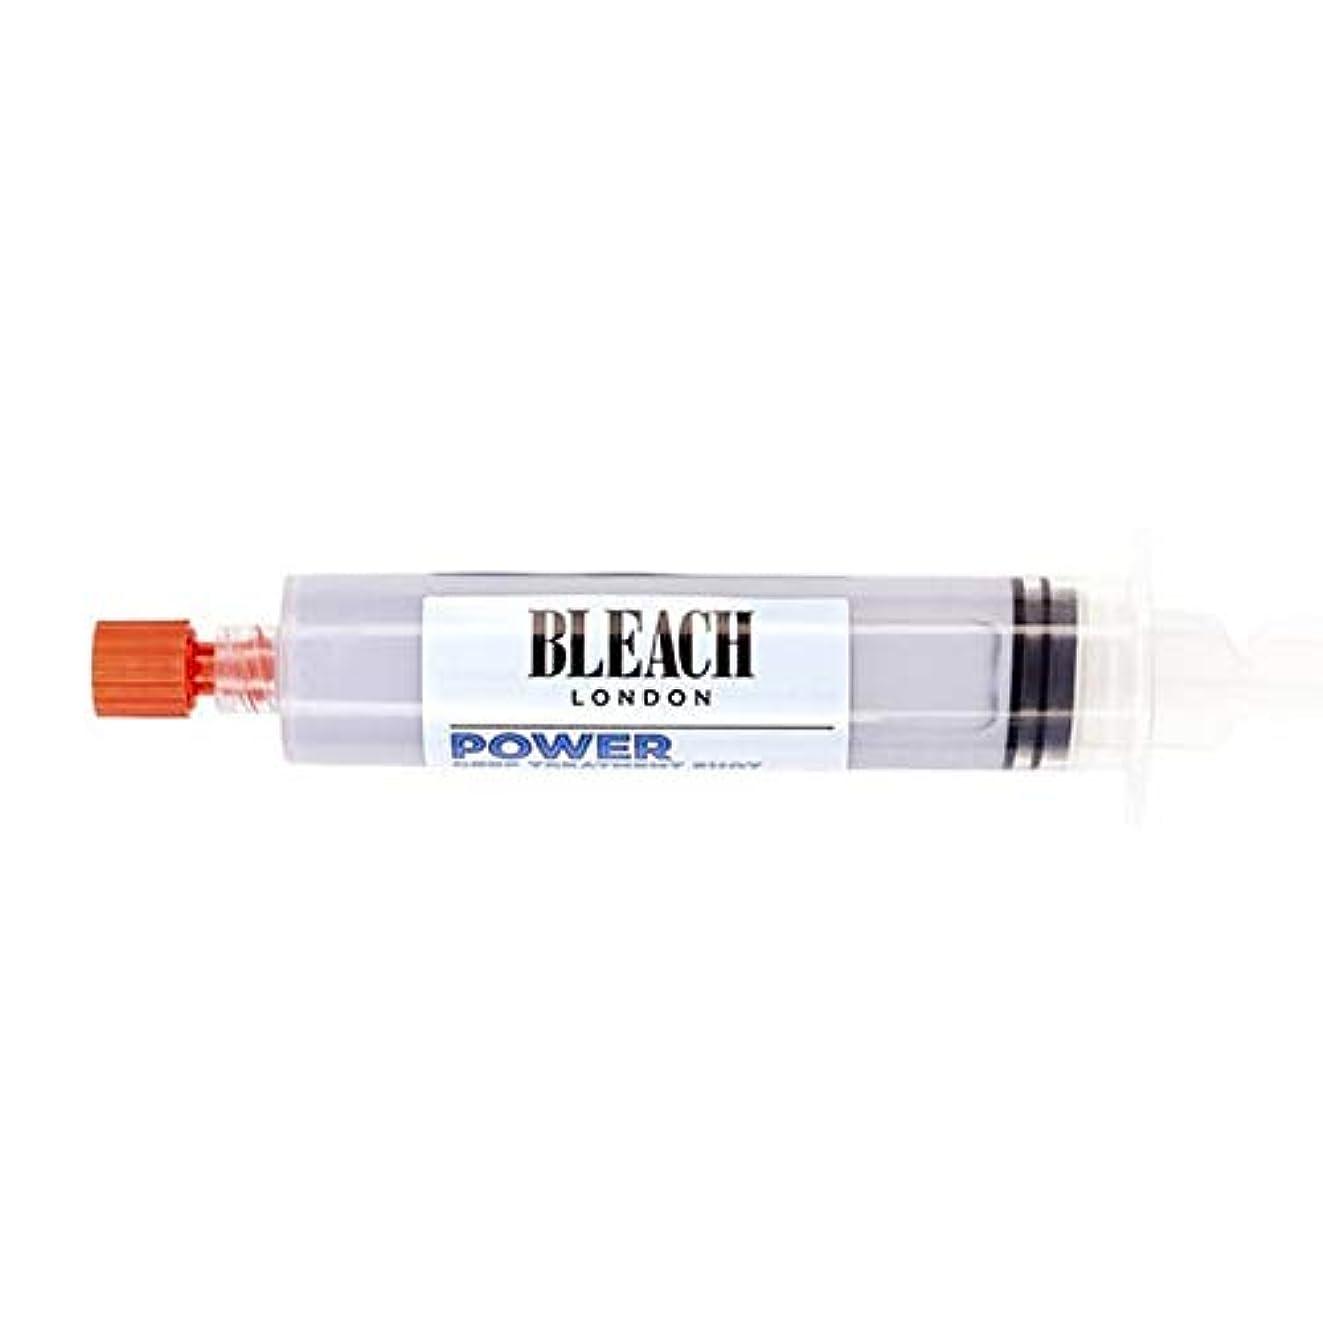 味わう子音民主党[Bleach London ] 漂白ロンドン治療ショット - ディープパワー - Bleach London Treatment Shot - Power Deep [並行輸入品]